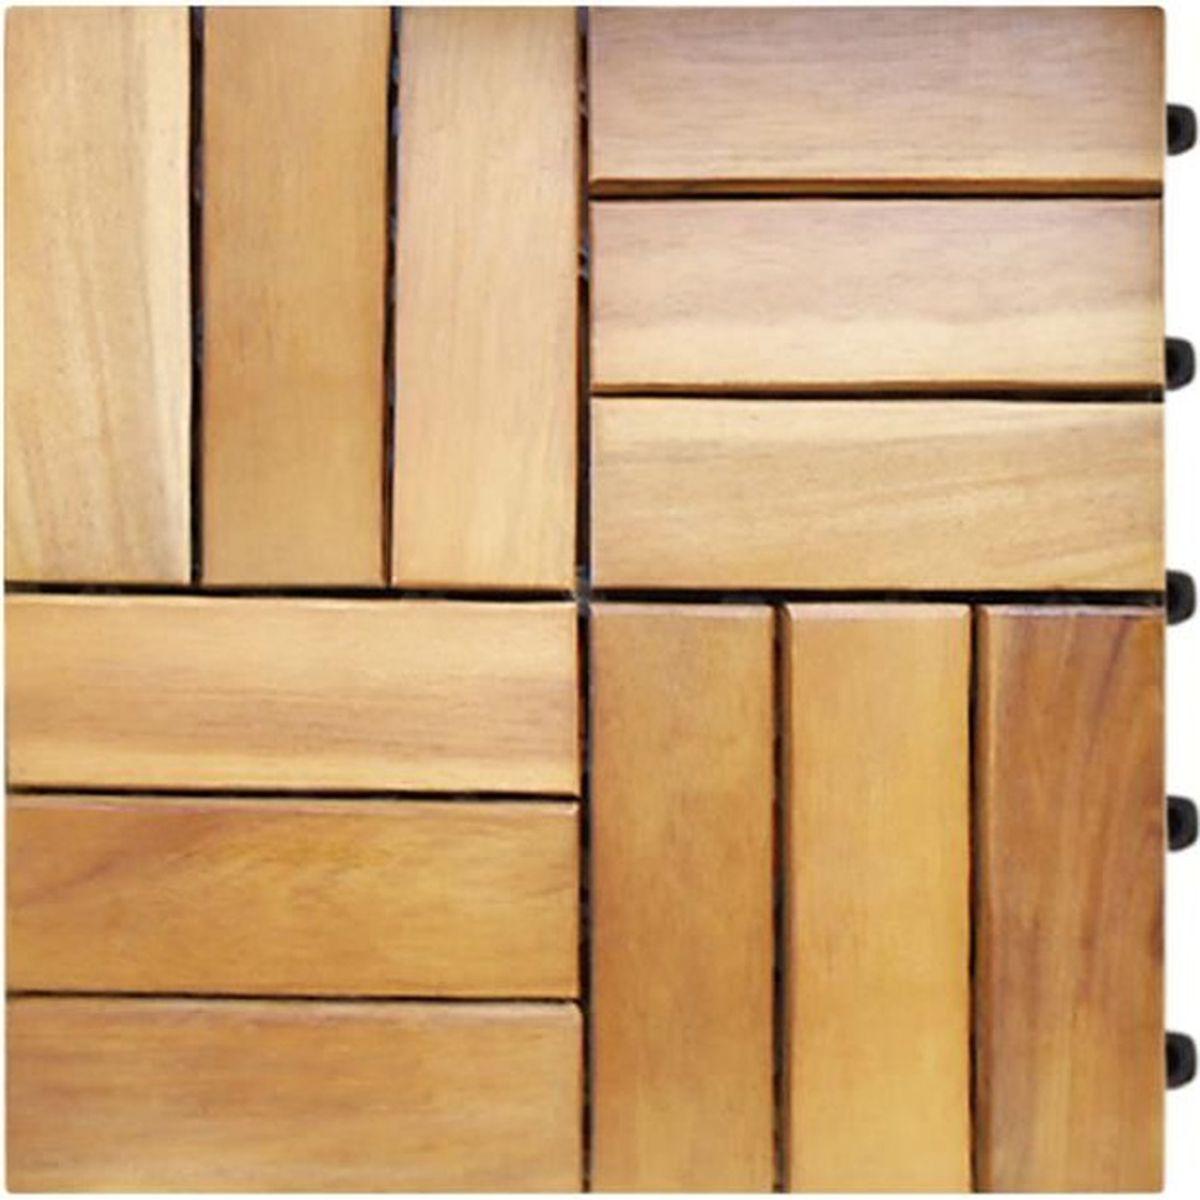 DALLAGE 11x Dalles de terrasse en bois pour 1m² en bois d'